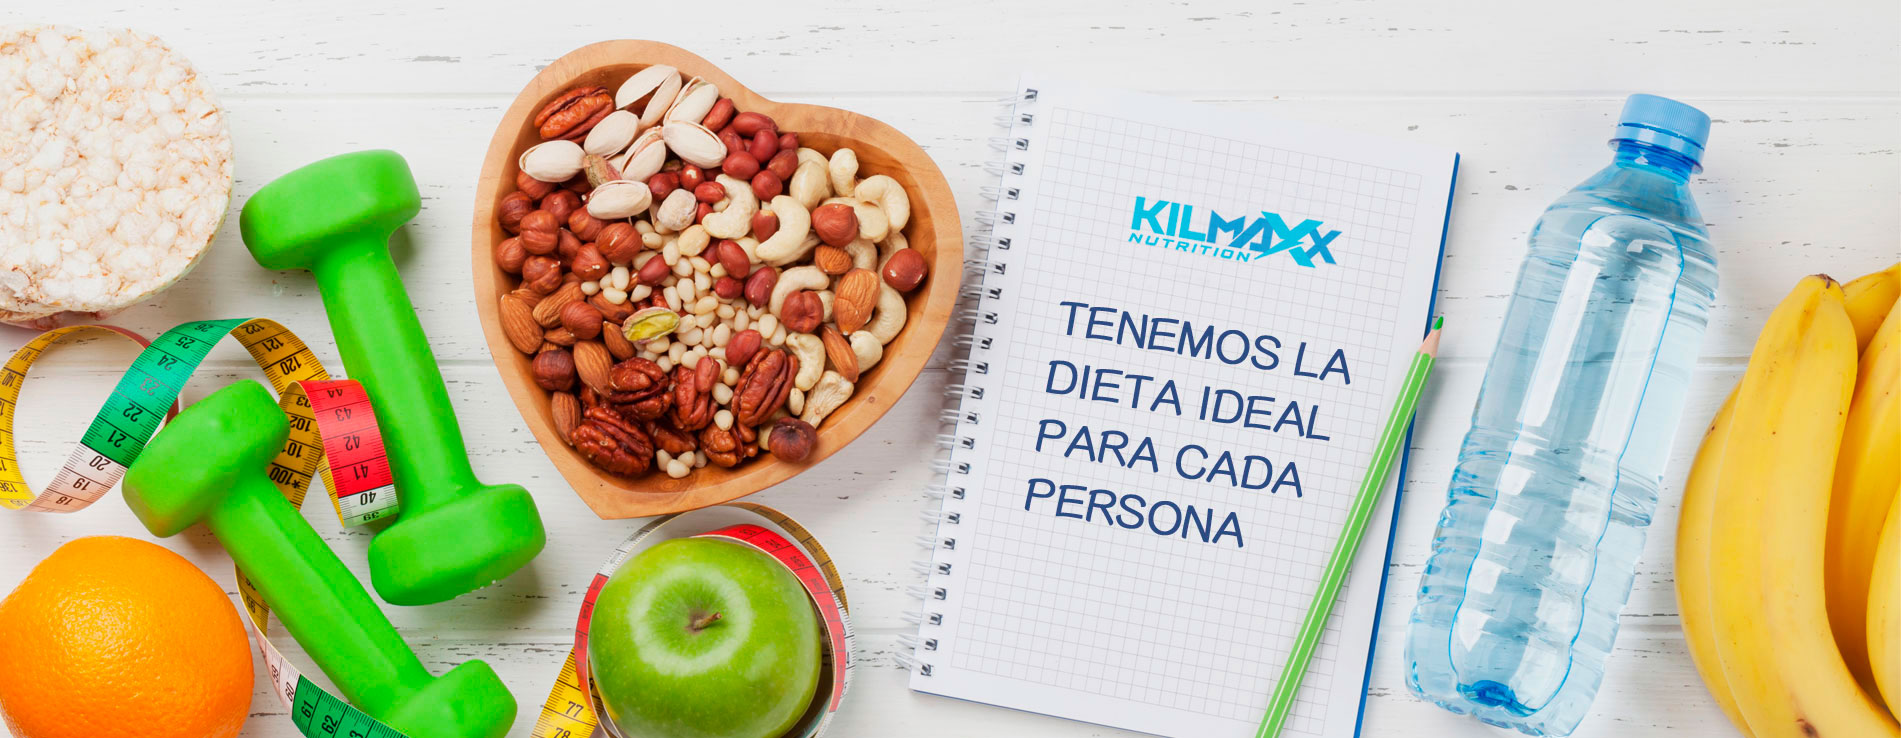 Dietas Personalizadas por profesionales Kilmaxx Nutrition